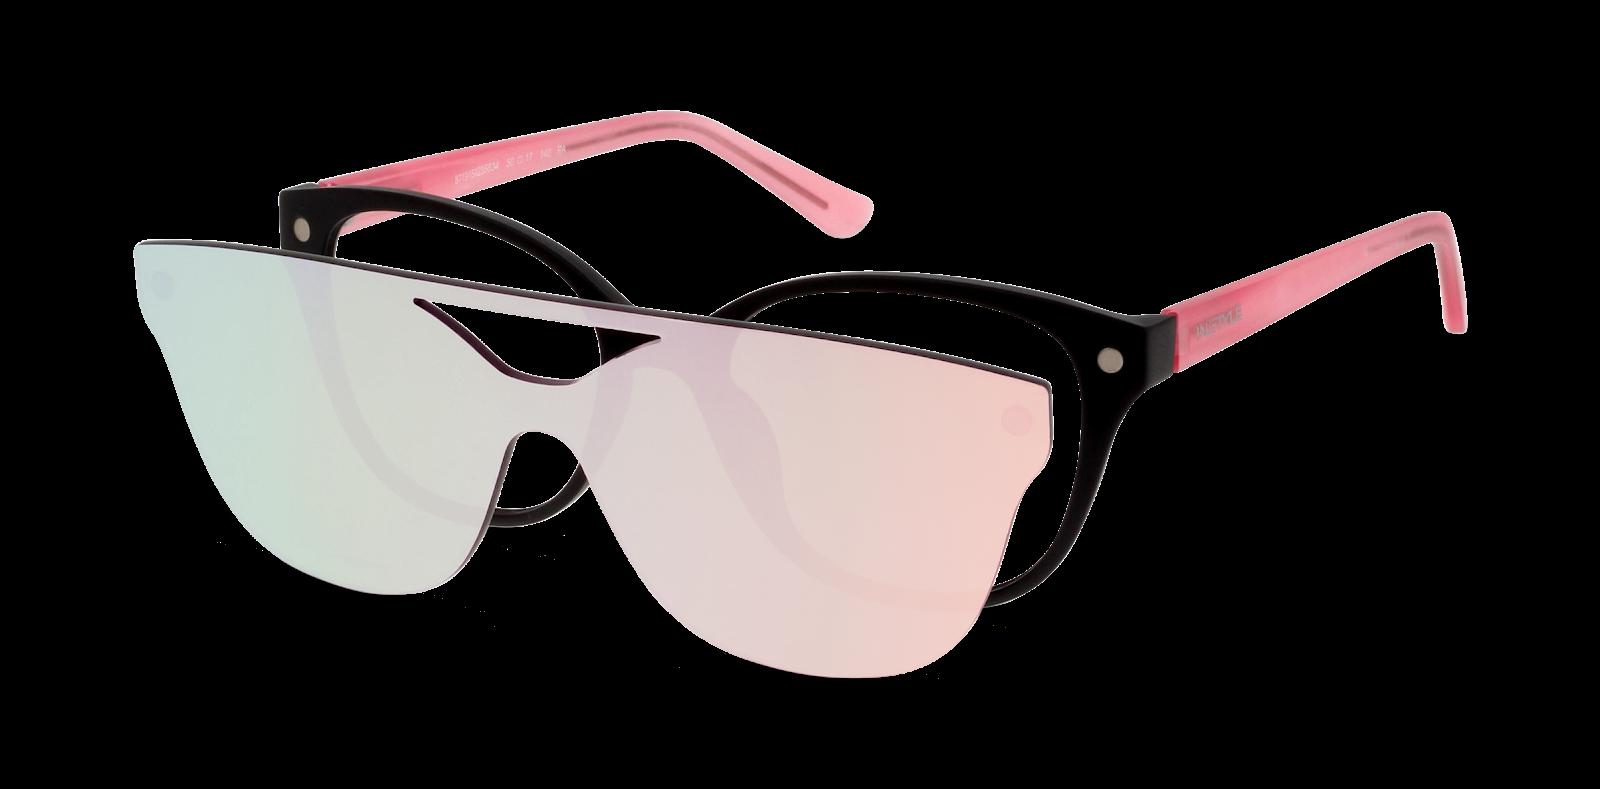 e5c692acf Os óculos tem um design mais despojado e permitem combinações entre  diferentes cores e armações.